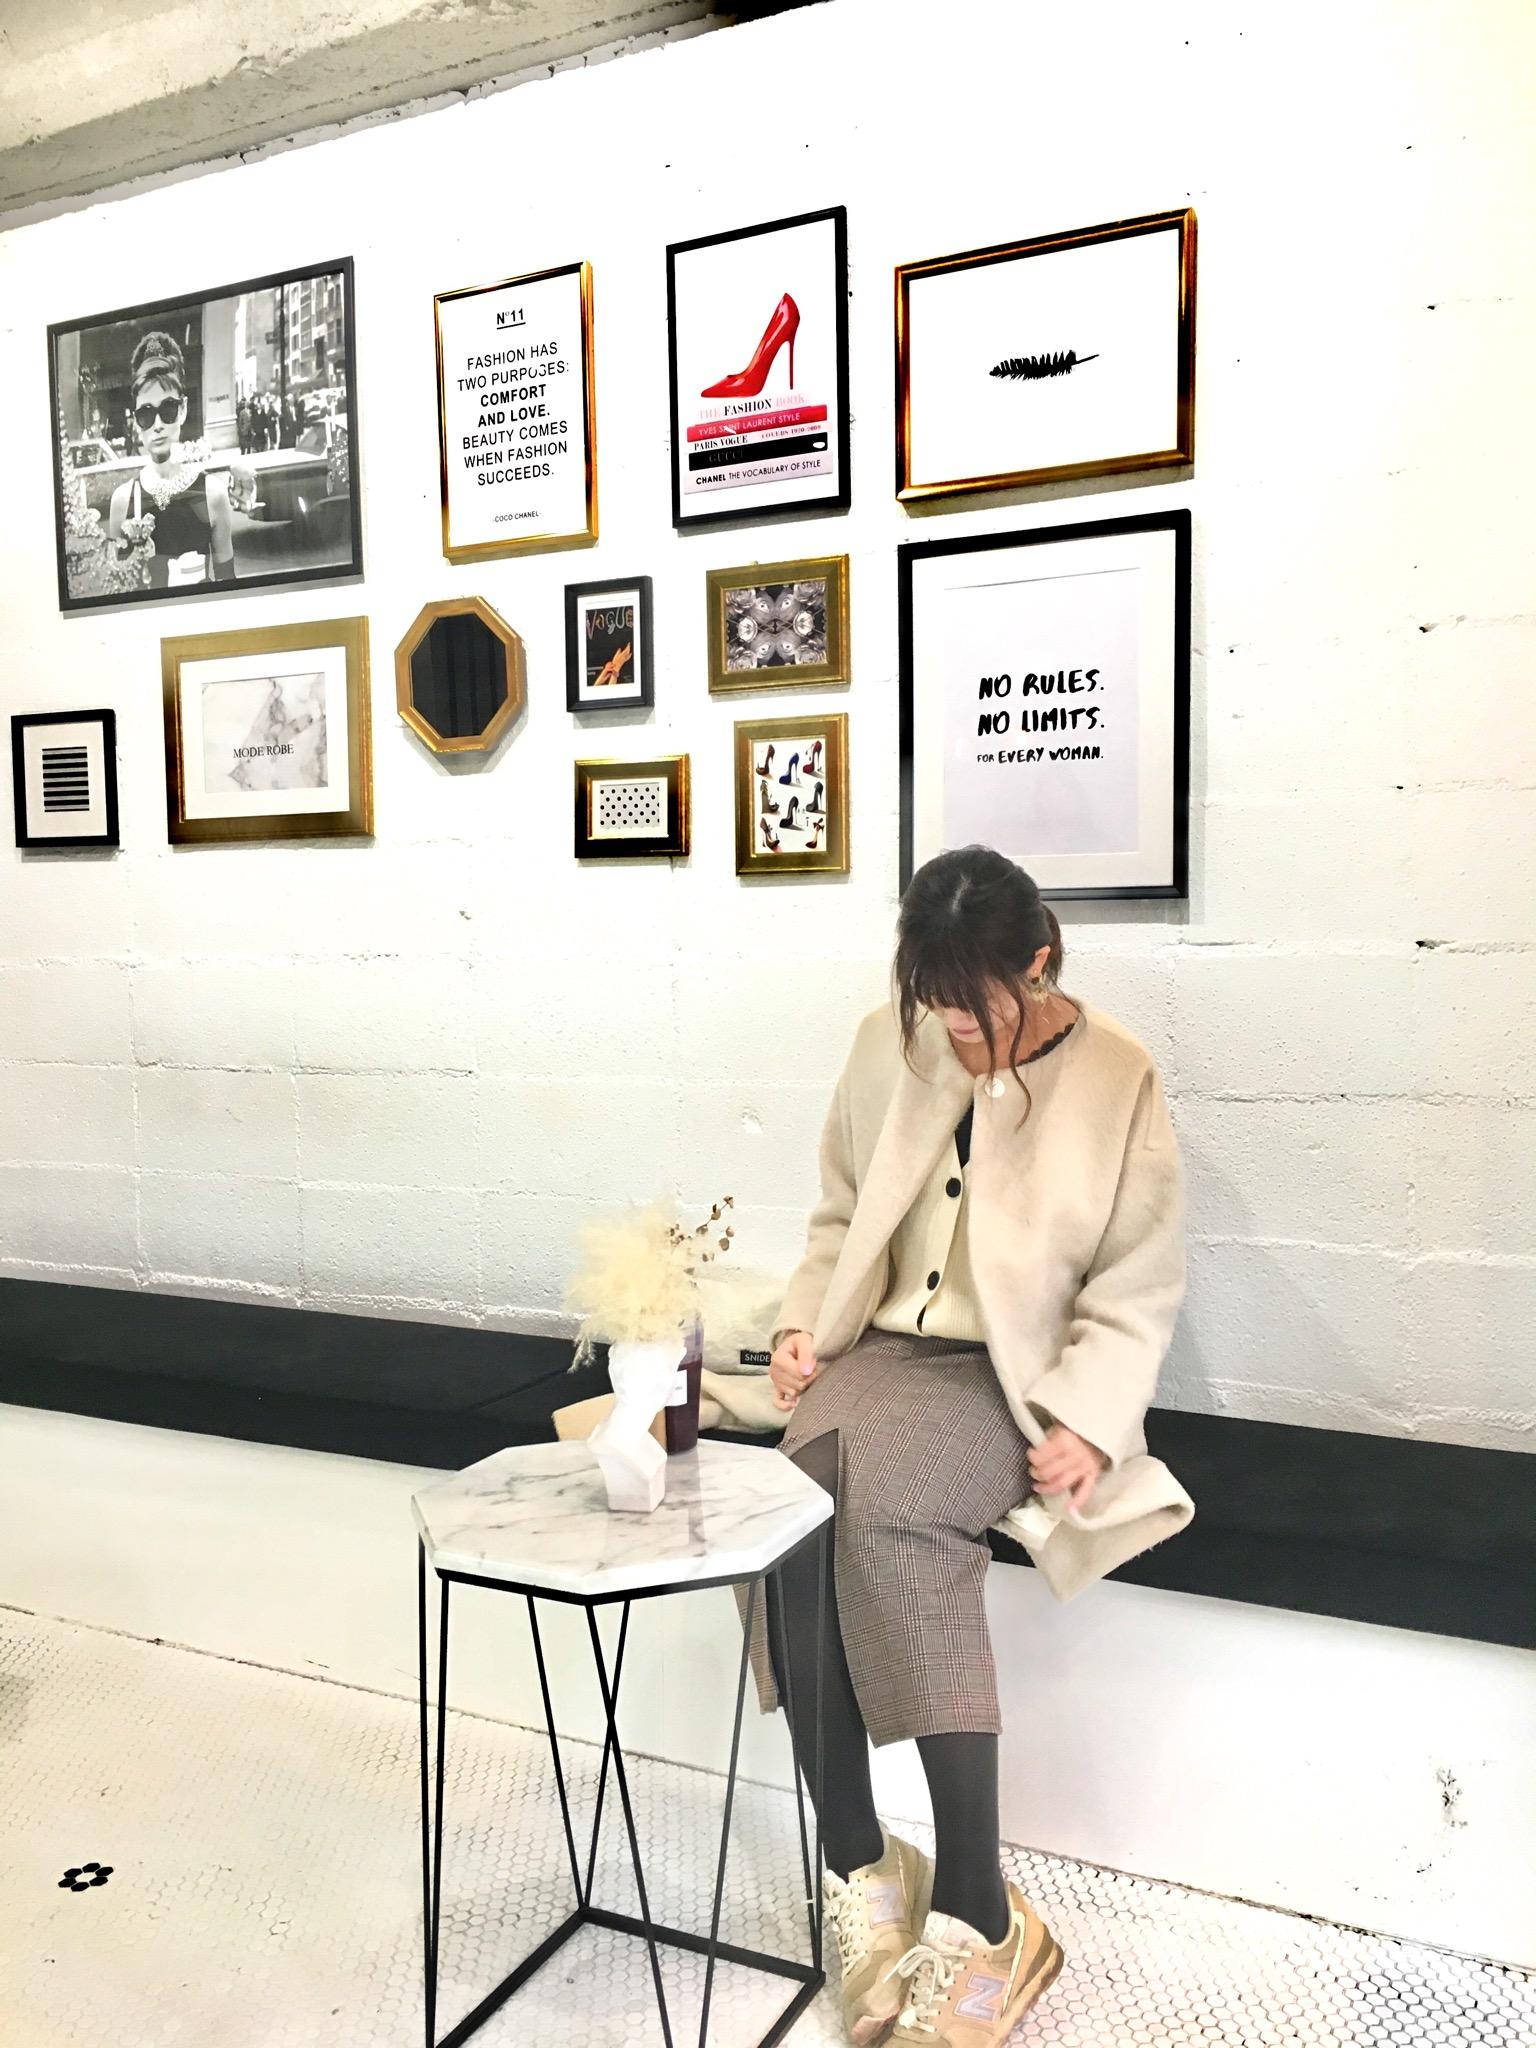 『PAUL』アトレ四谷店のモーニングブッフェをはじめ、『ディオール』や『ユニクロ』の記事が大人気!!!【今週のモアハピ部人気ランキング】_1_2